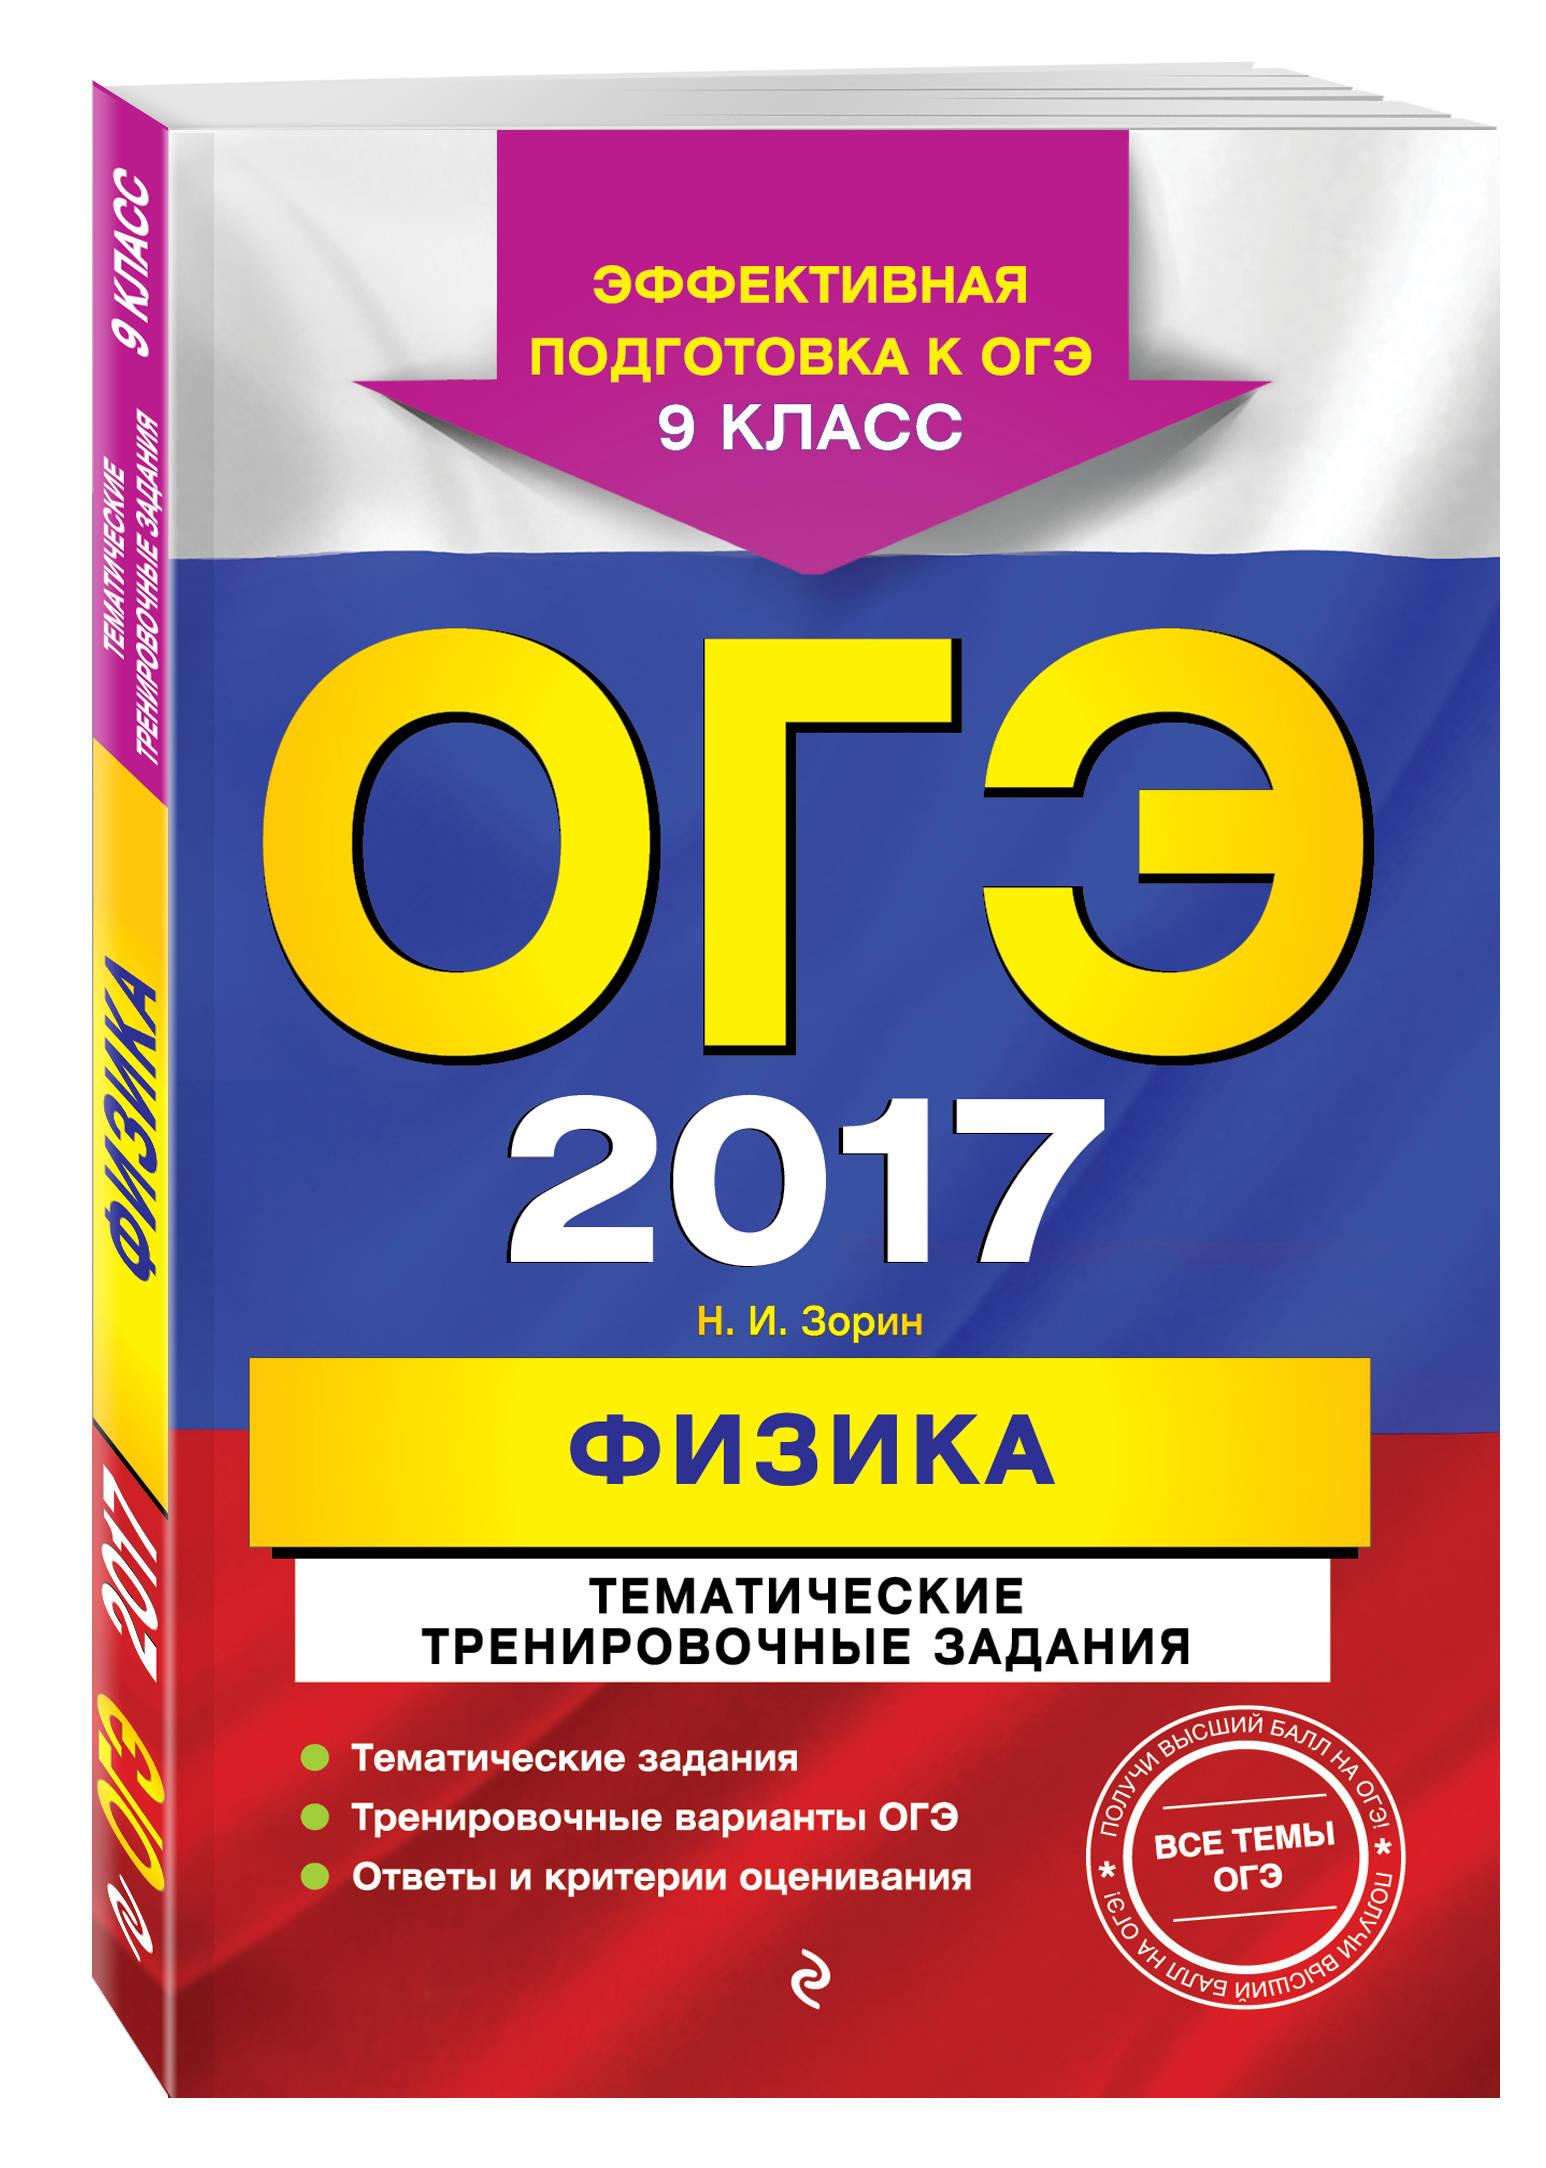 ОГЭ-2017. Физика. Тематические тренировочные задания. 9 класс